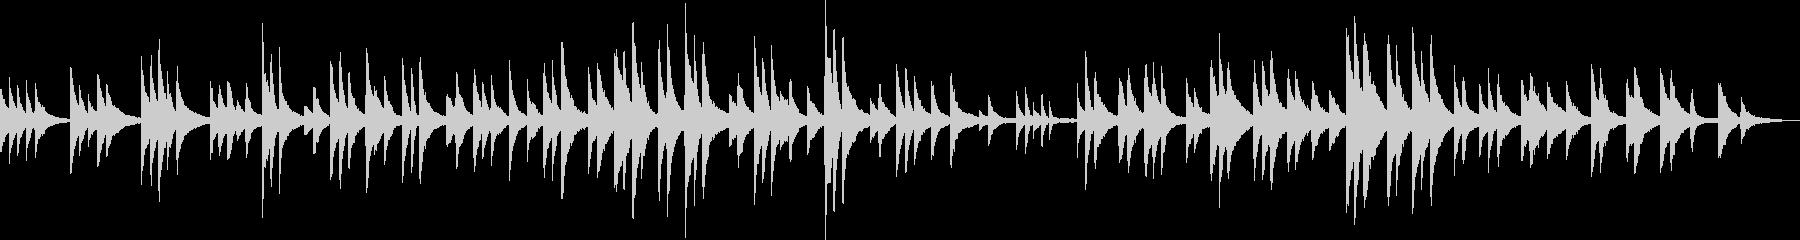 変わらない風景(ピアノ・バラード)の未再生の波形